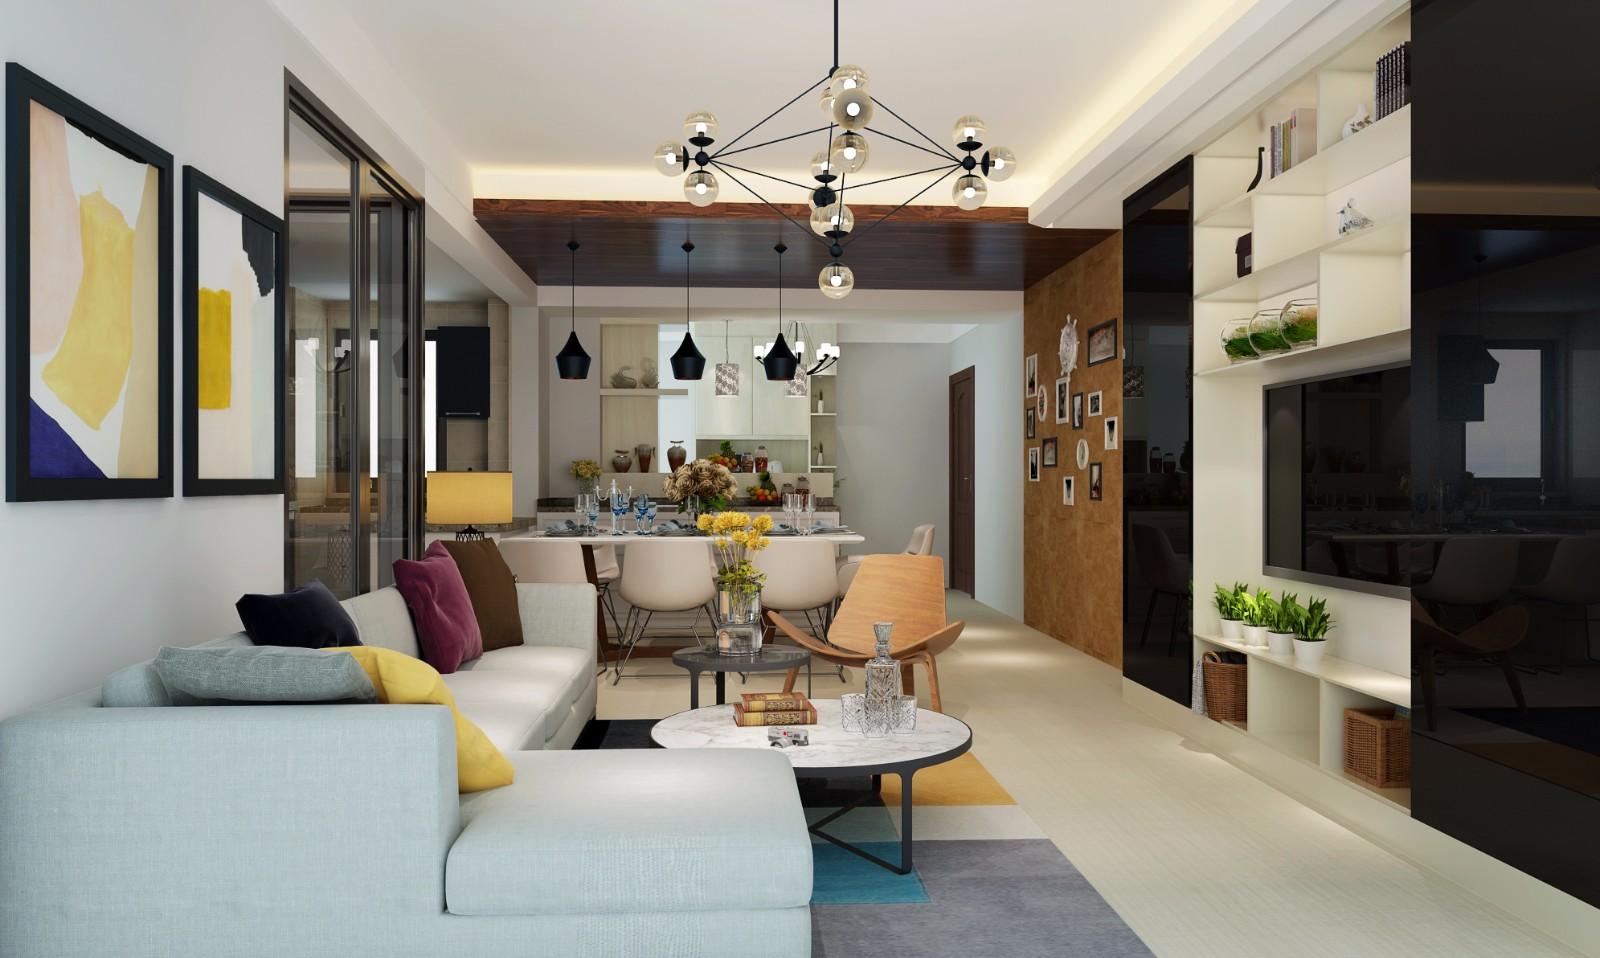 3室2衛2廳124平米現代風格